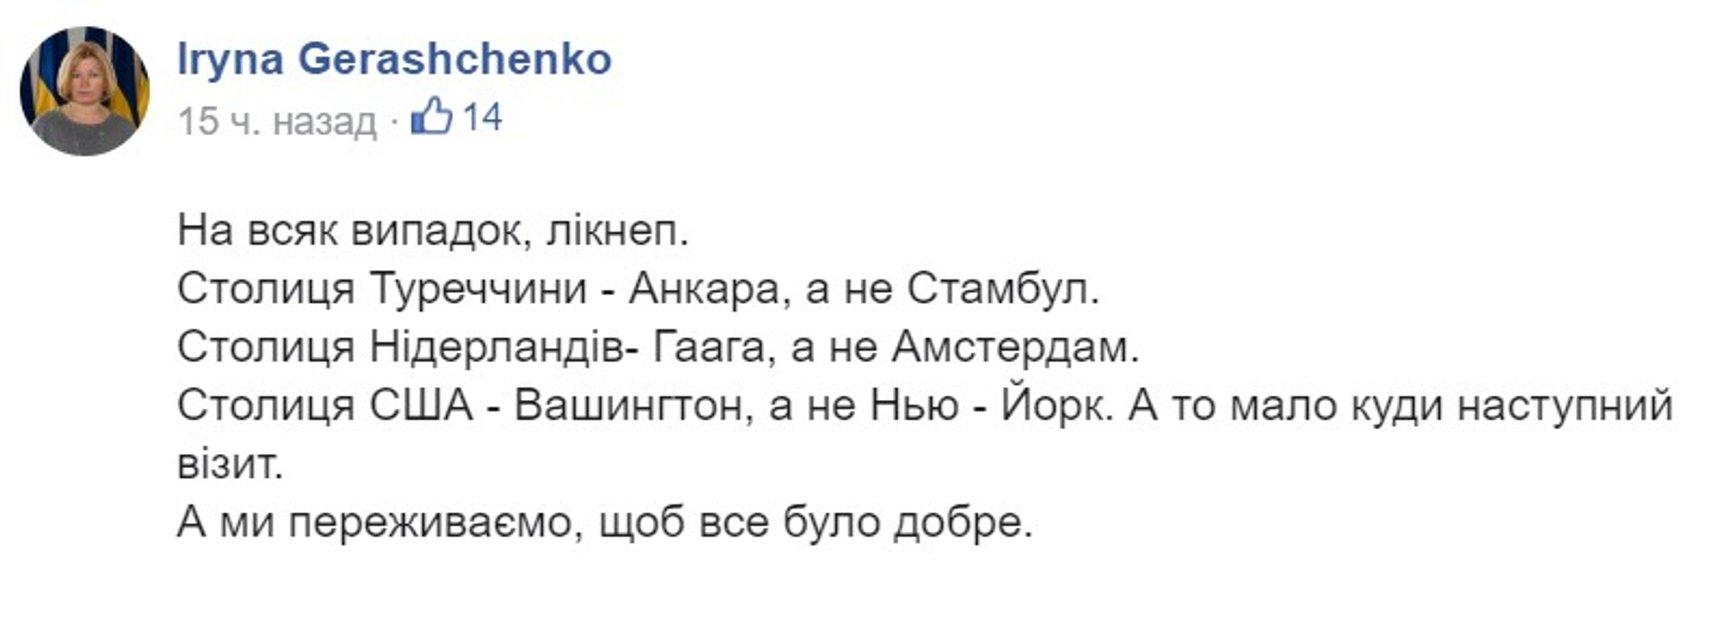 Ирина Геращенко знатно оконфузилась, пытаясь подколоть Зеленского (ФОТО) - фото 183774